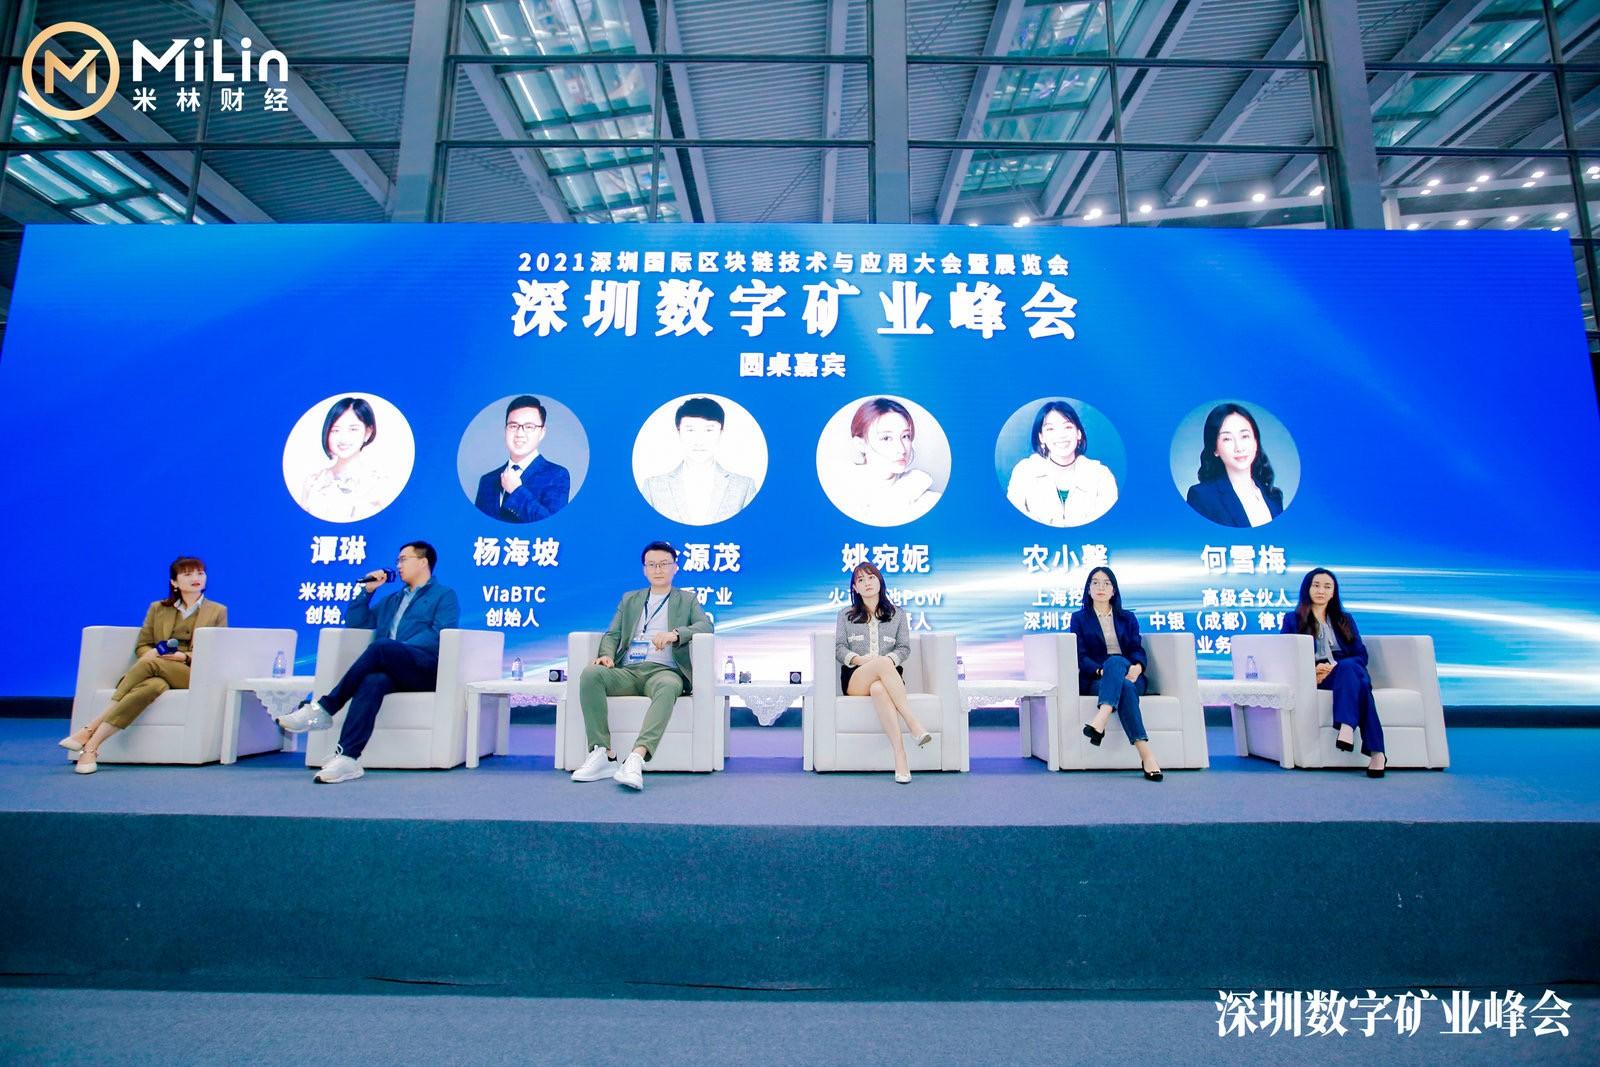 2021深圳数字矿业圆桌论坛:矿业的生态与布局